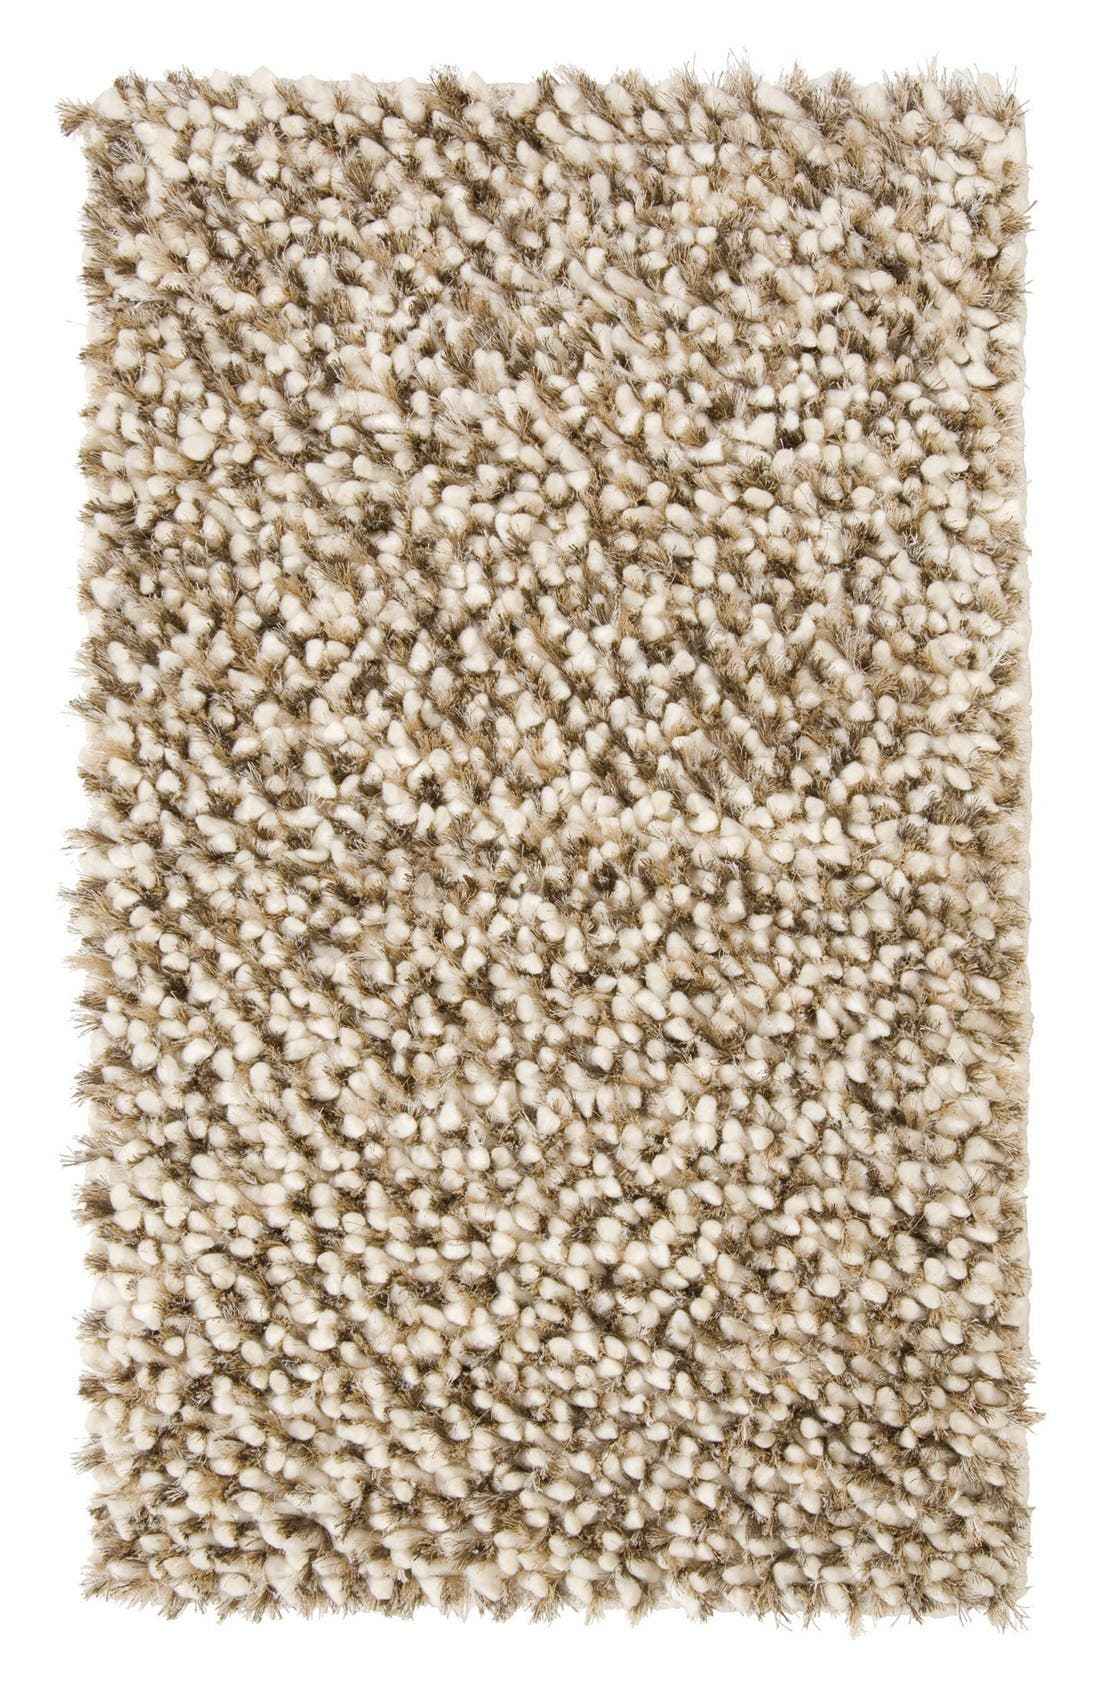 Villa Home Collection Marshmallow Handwoven Shag Rug